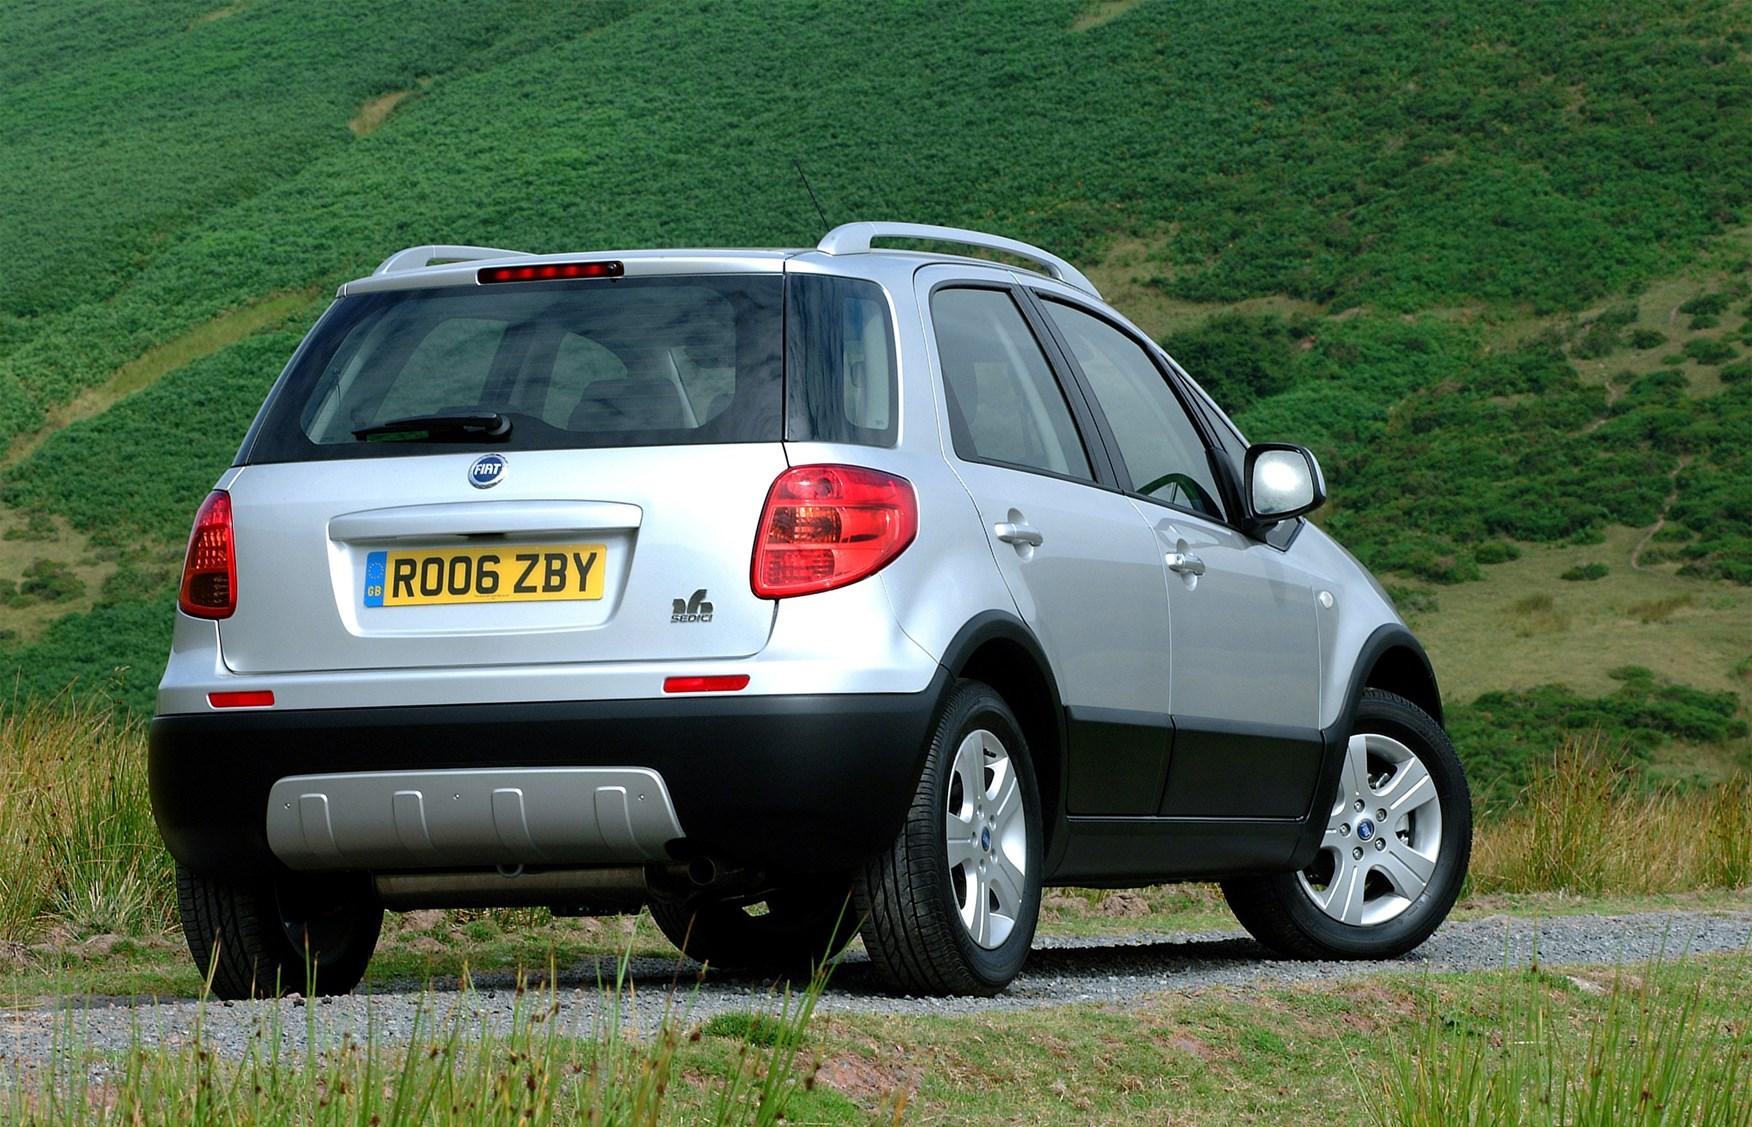 Fiat Sedici Hatchback Review (2006 - 2011) | Parkers on fiat brava, fiat panda, fiat ulysse, fiat uno, fiat barchetta, fiat idea, fiat bravo, fiat cinquecento, fiat suv in india, fiat grande punto, fiat ducato, fiat croma, fiat marea, fiat multipla, fiat punto, fiat stilo, fiat doblo, fiat scudo, fiat fiorino, fiat coupe, fiat seicento,